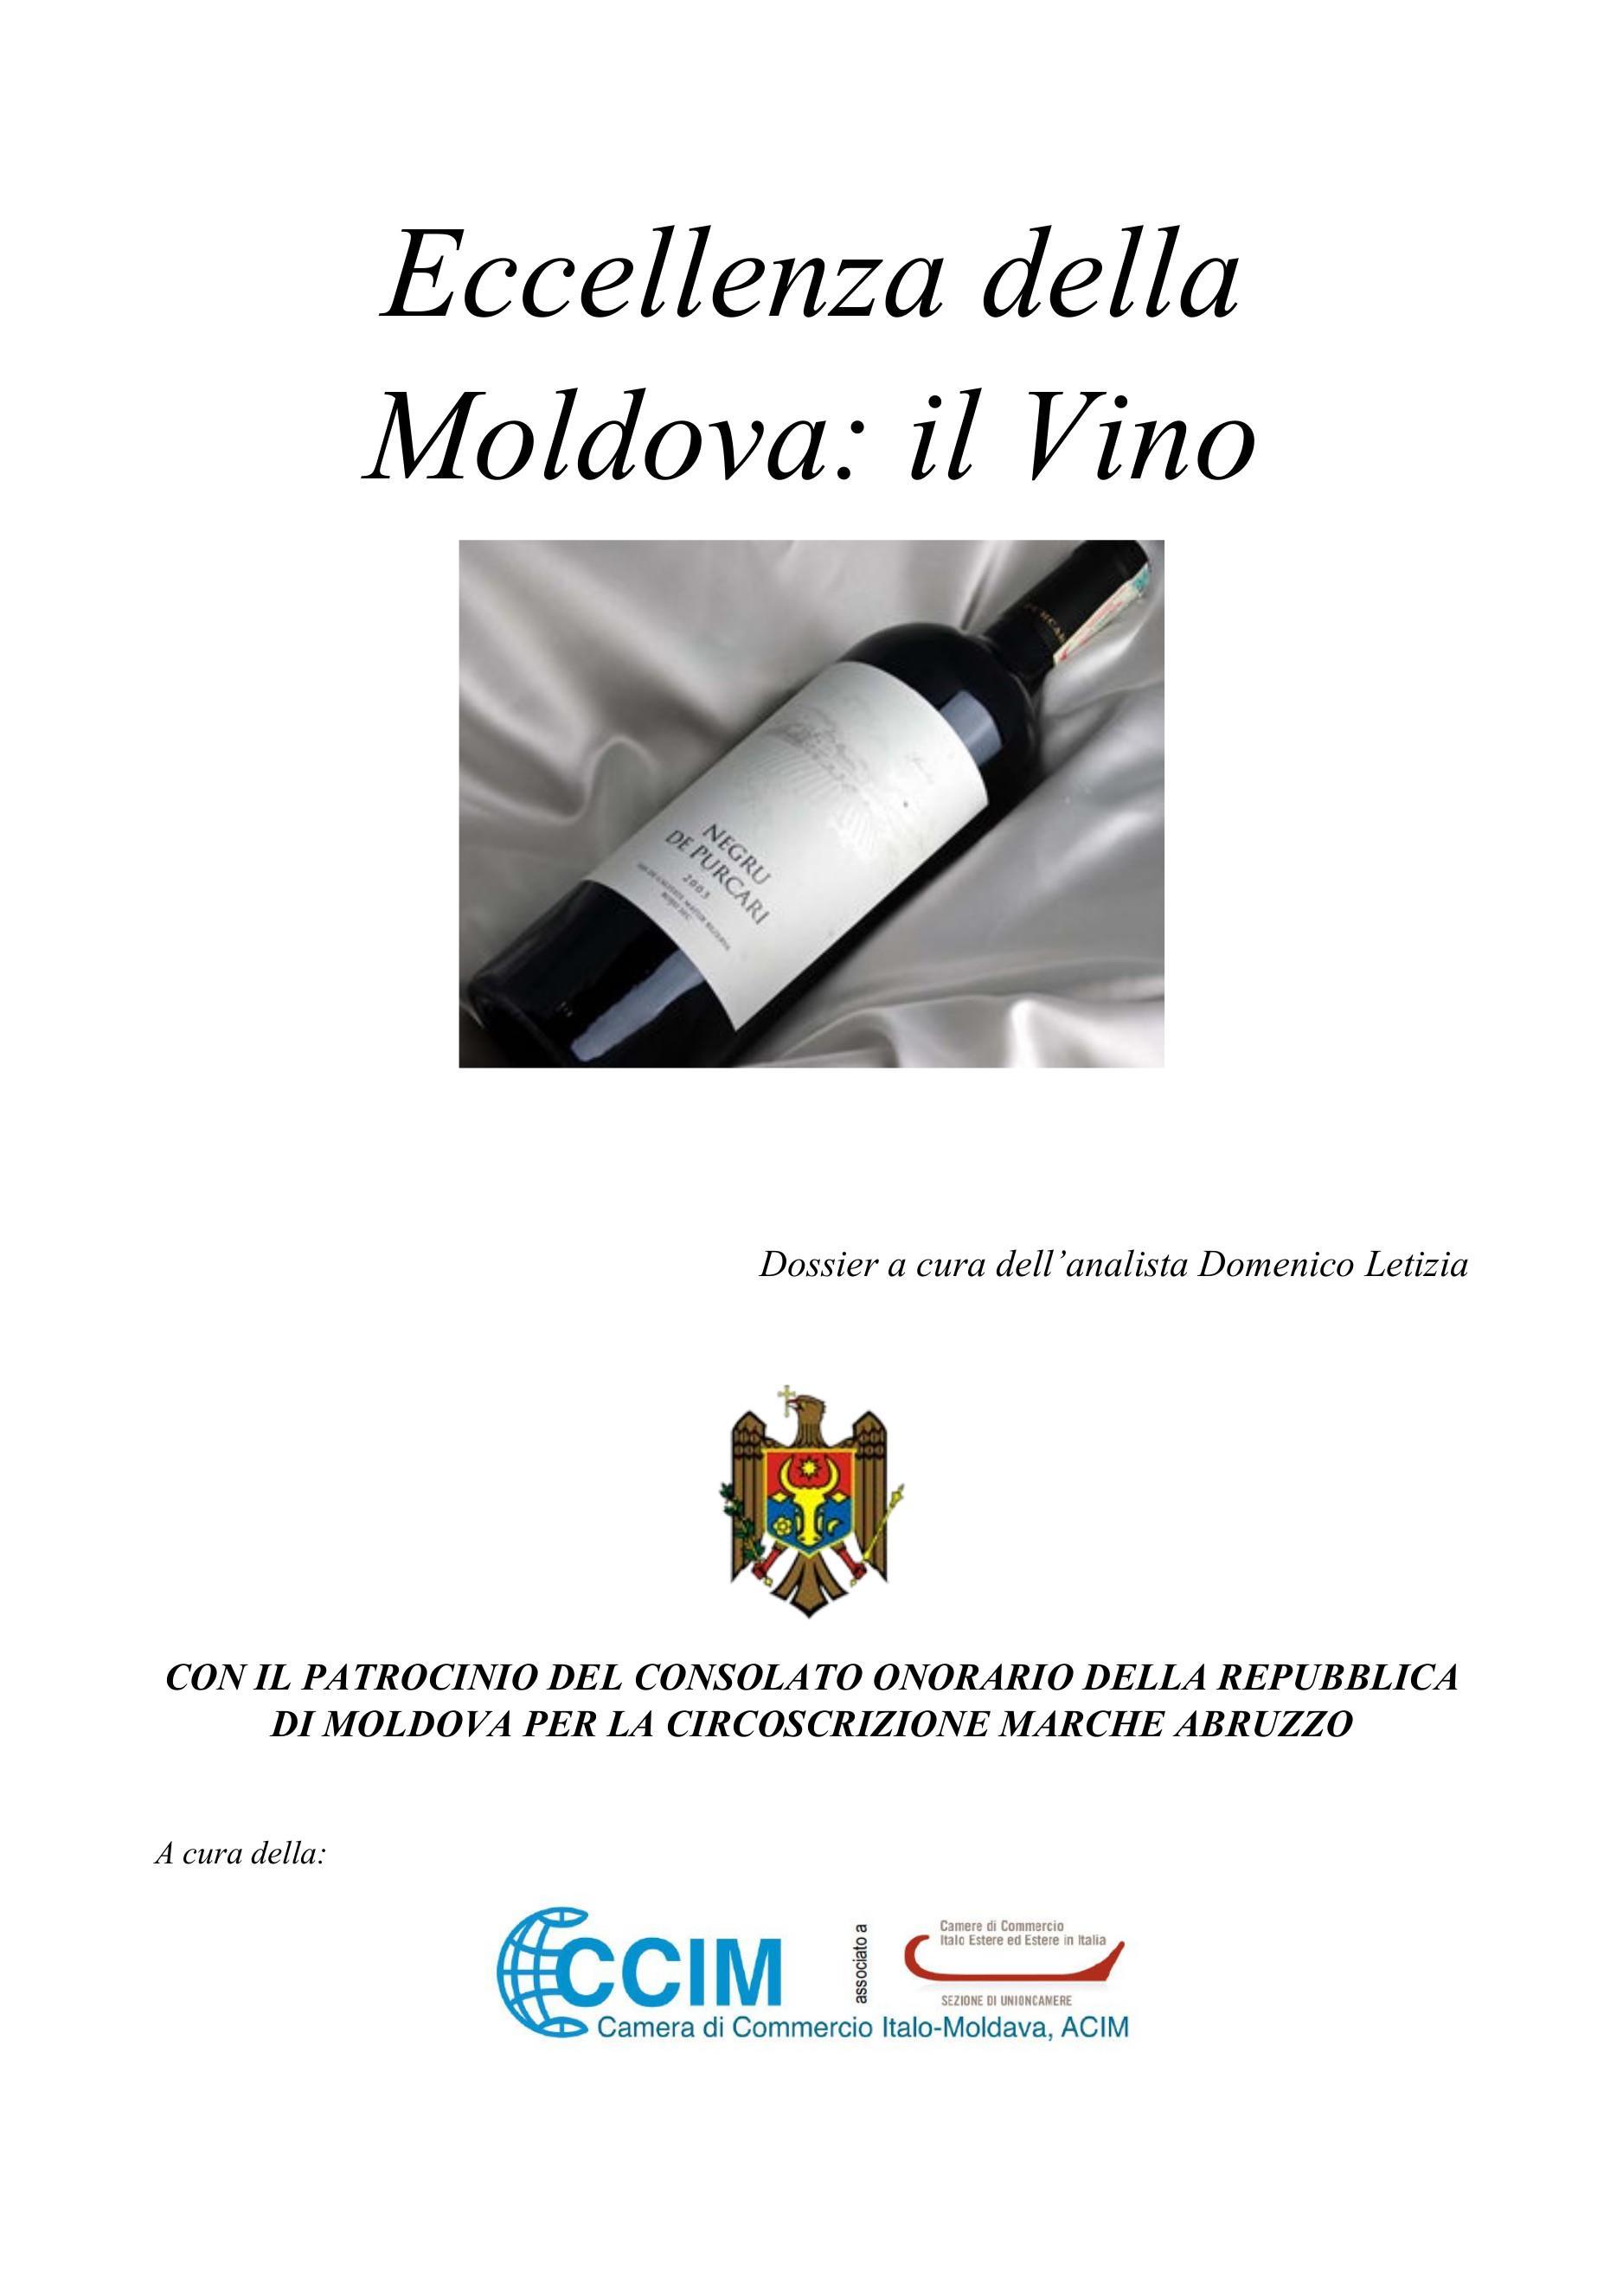 Eccellenza della Moldova: il vino